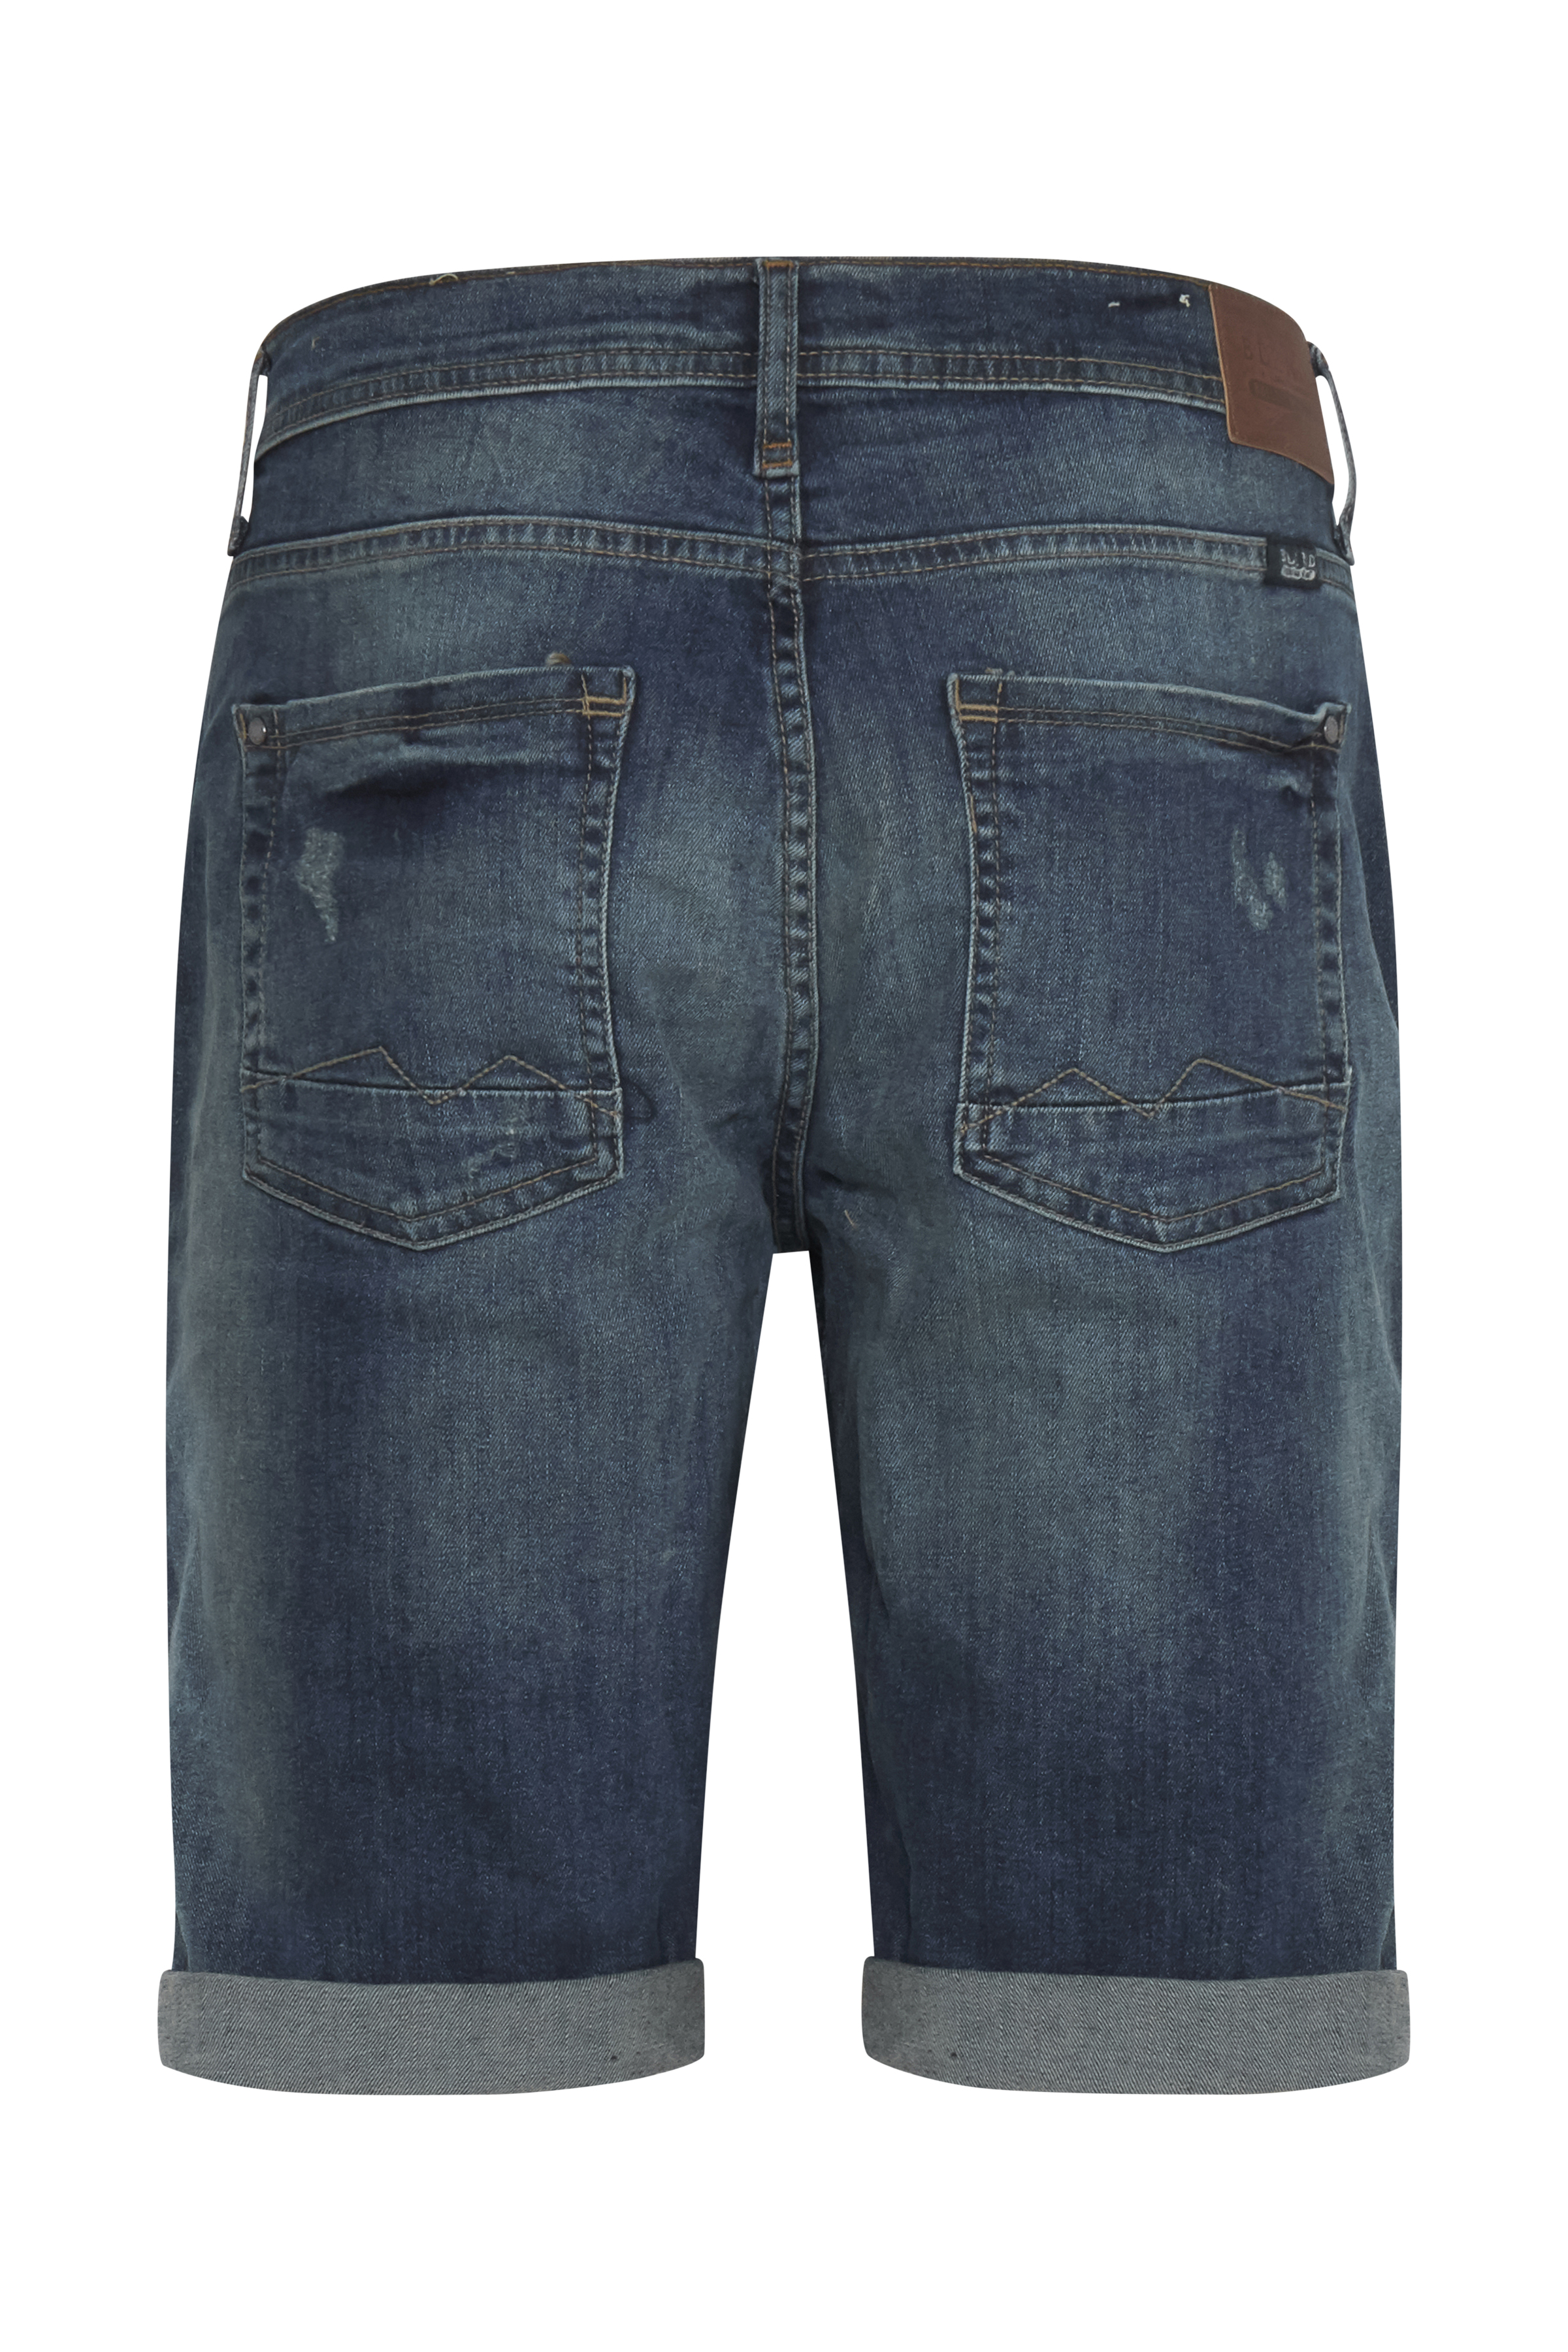 Denim Middle blue Denimshorts – Køb Denim Middle blue Denimshorts fra str. M-3XL her